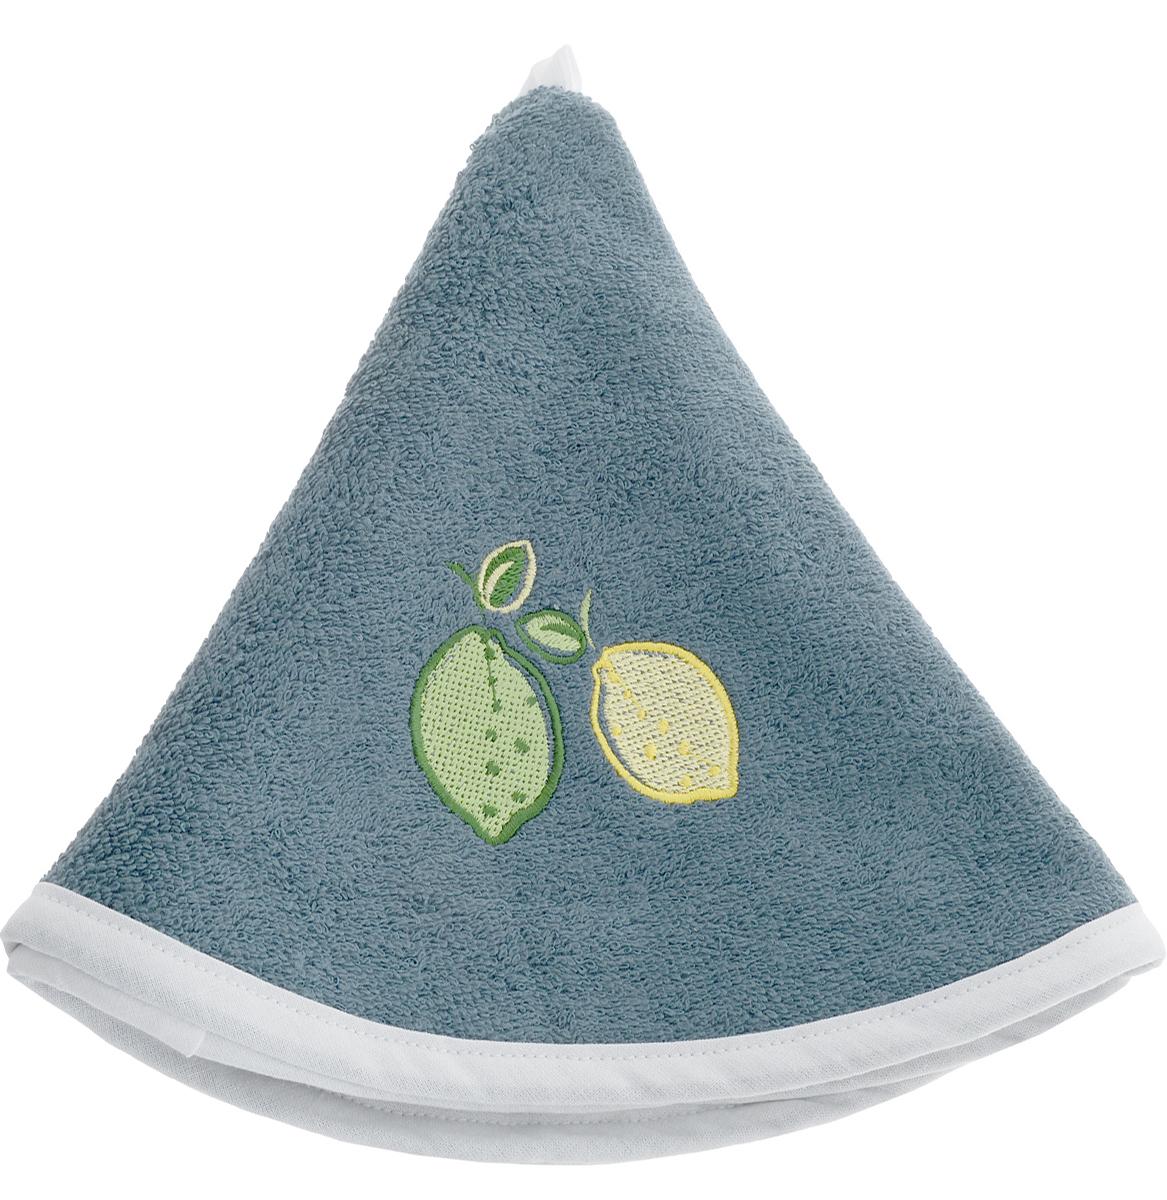 Полотенце кухонное Karna Zelina. Лимон и лайм, цвет: сине-серый, диаметр 50 смVT-1520(SR)Круглое кухонное полотенце Karna Zelina. Лимон и лайм изготовлено из махровой ткани (100% хлопок), поэтому является экологически чистым. Качество материала гарантирует безопасность не только взрослым, но и самым маленьким членам семьи. Изделие мягкое и приятное на ощупь, оснащено удобной петелькой и украшено оригинальной вышивкой. Полотенце хорошо впитывает влагу, легко стирается в стиральной машине и обладает высокой износоустойчивостью. Кухонное полотенце сделает интерьер вашей кухни стильным и гармоничным.Диаметр полотенца: 50 см.